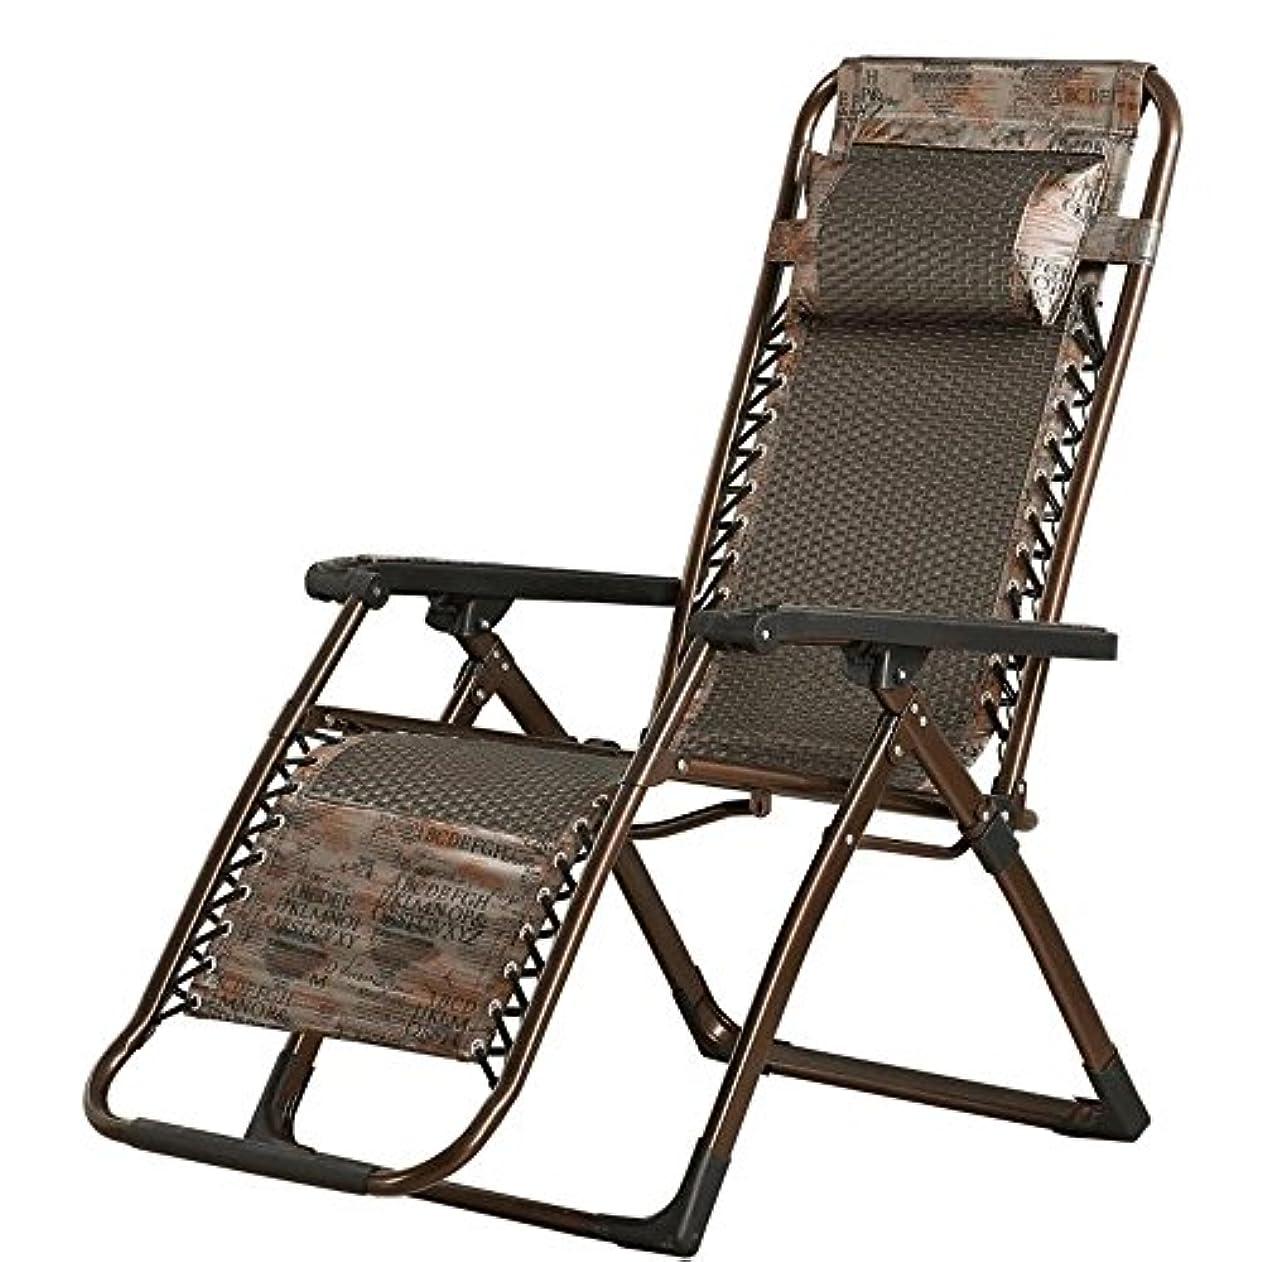 グレートオーク難しい性格KTYXDE 夏のクールな椅子折りたたみ式の椅子リクライナー折り畳み式のランチブレークチェア成人レジャーチェアホームバックチェア 折りたたみ椅子 (色 : Brown)